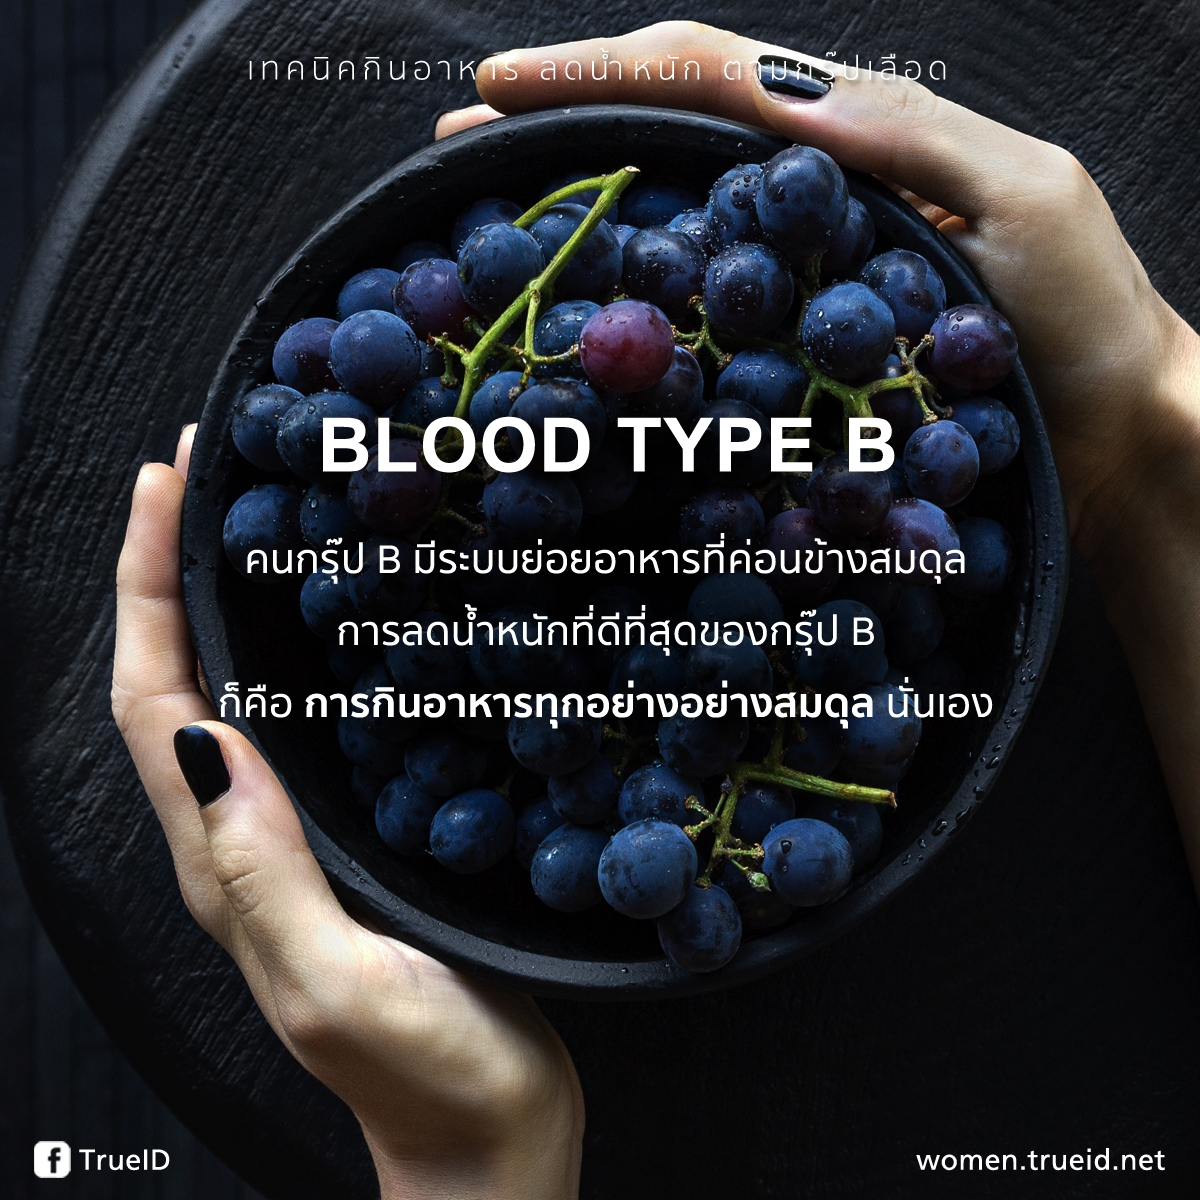 เทคนิคกินอาหาร ลดน้ำหนัก ตามกรุ๊ปเลือด ผอมง่ายๆ ระบบเผาผลาญไม่พัง!